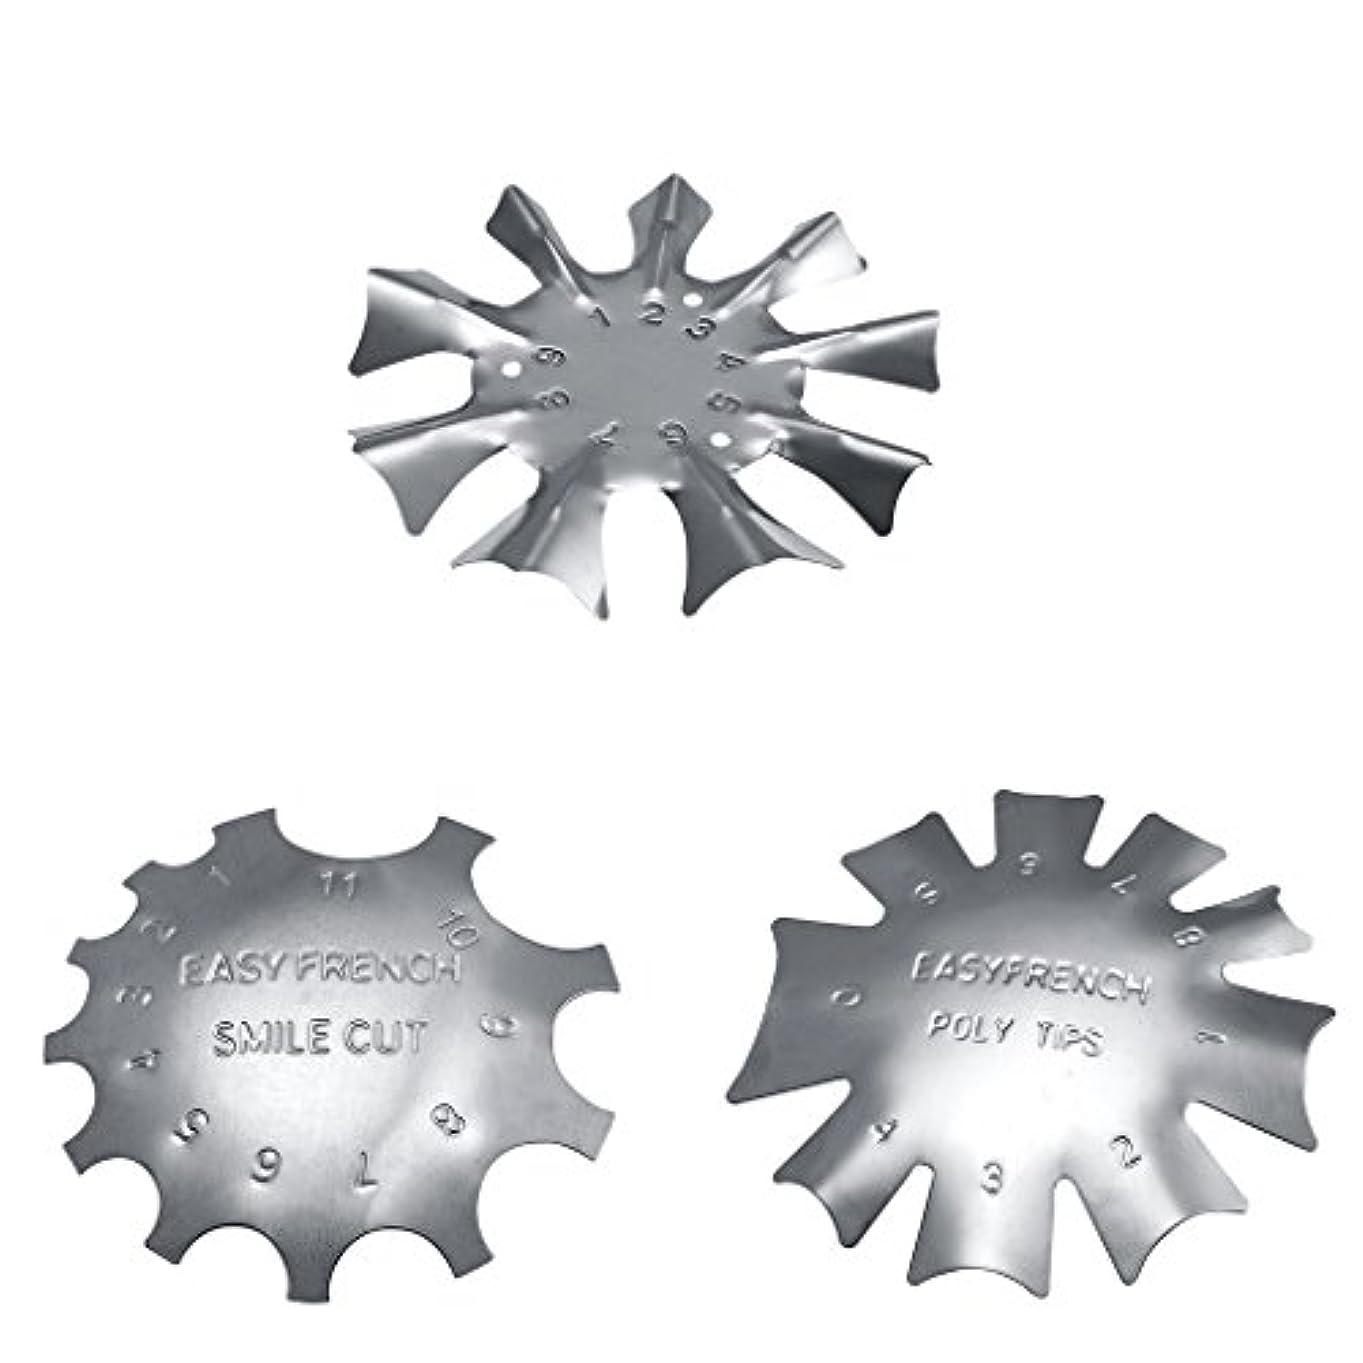 予算故障中スペインToygogo 3スタイル簡単フレンチスマイルカットラインエッジトリマーマニキュアネイルアートステンシルテンプレートツール耐久性のあるステンレス鋼